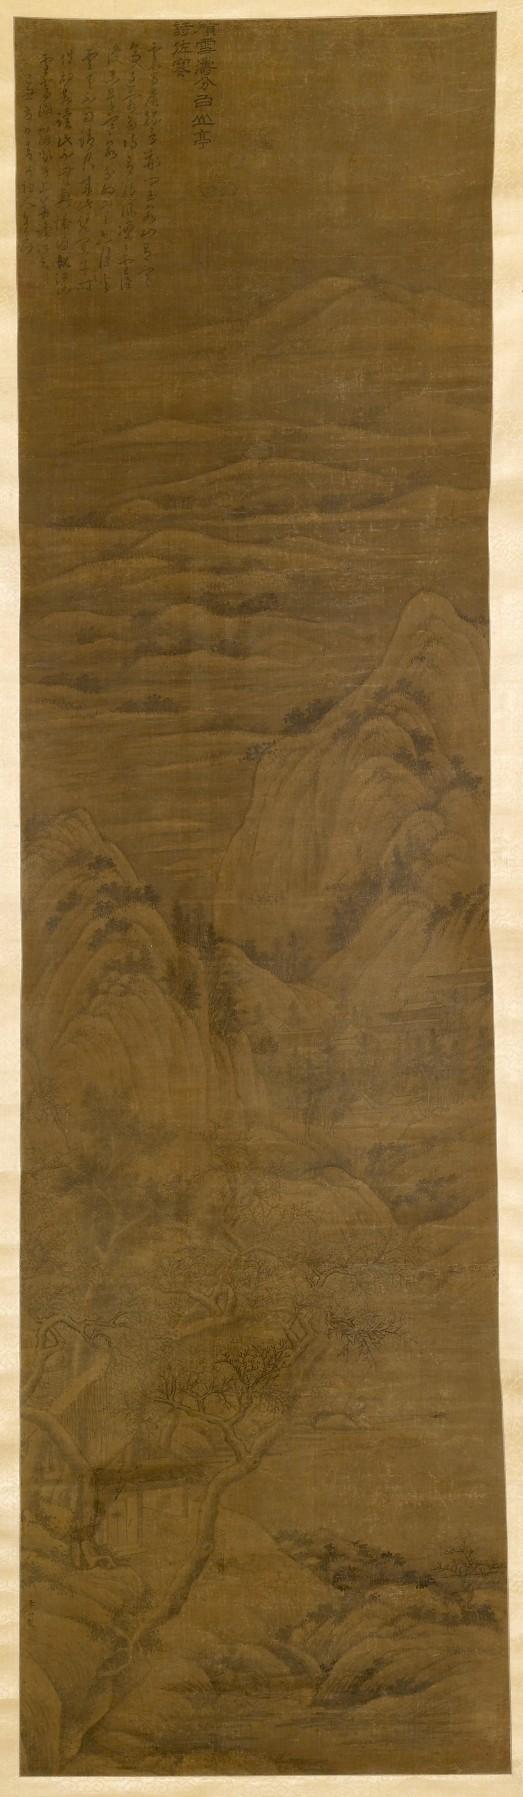 Winter Landscape in the Style of Li Shan